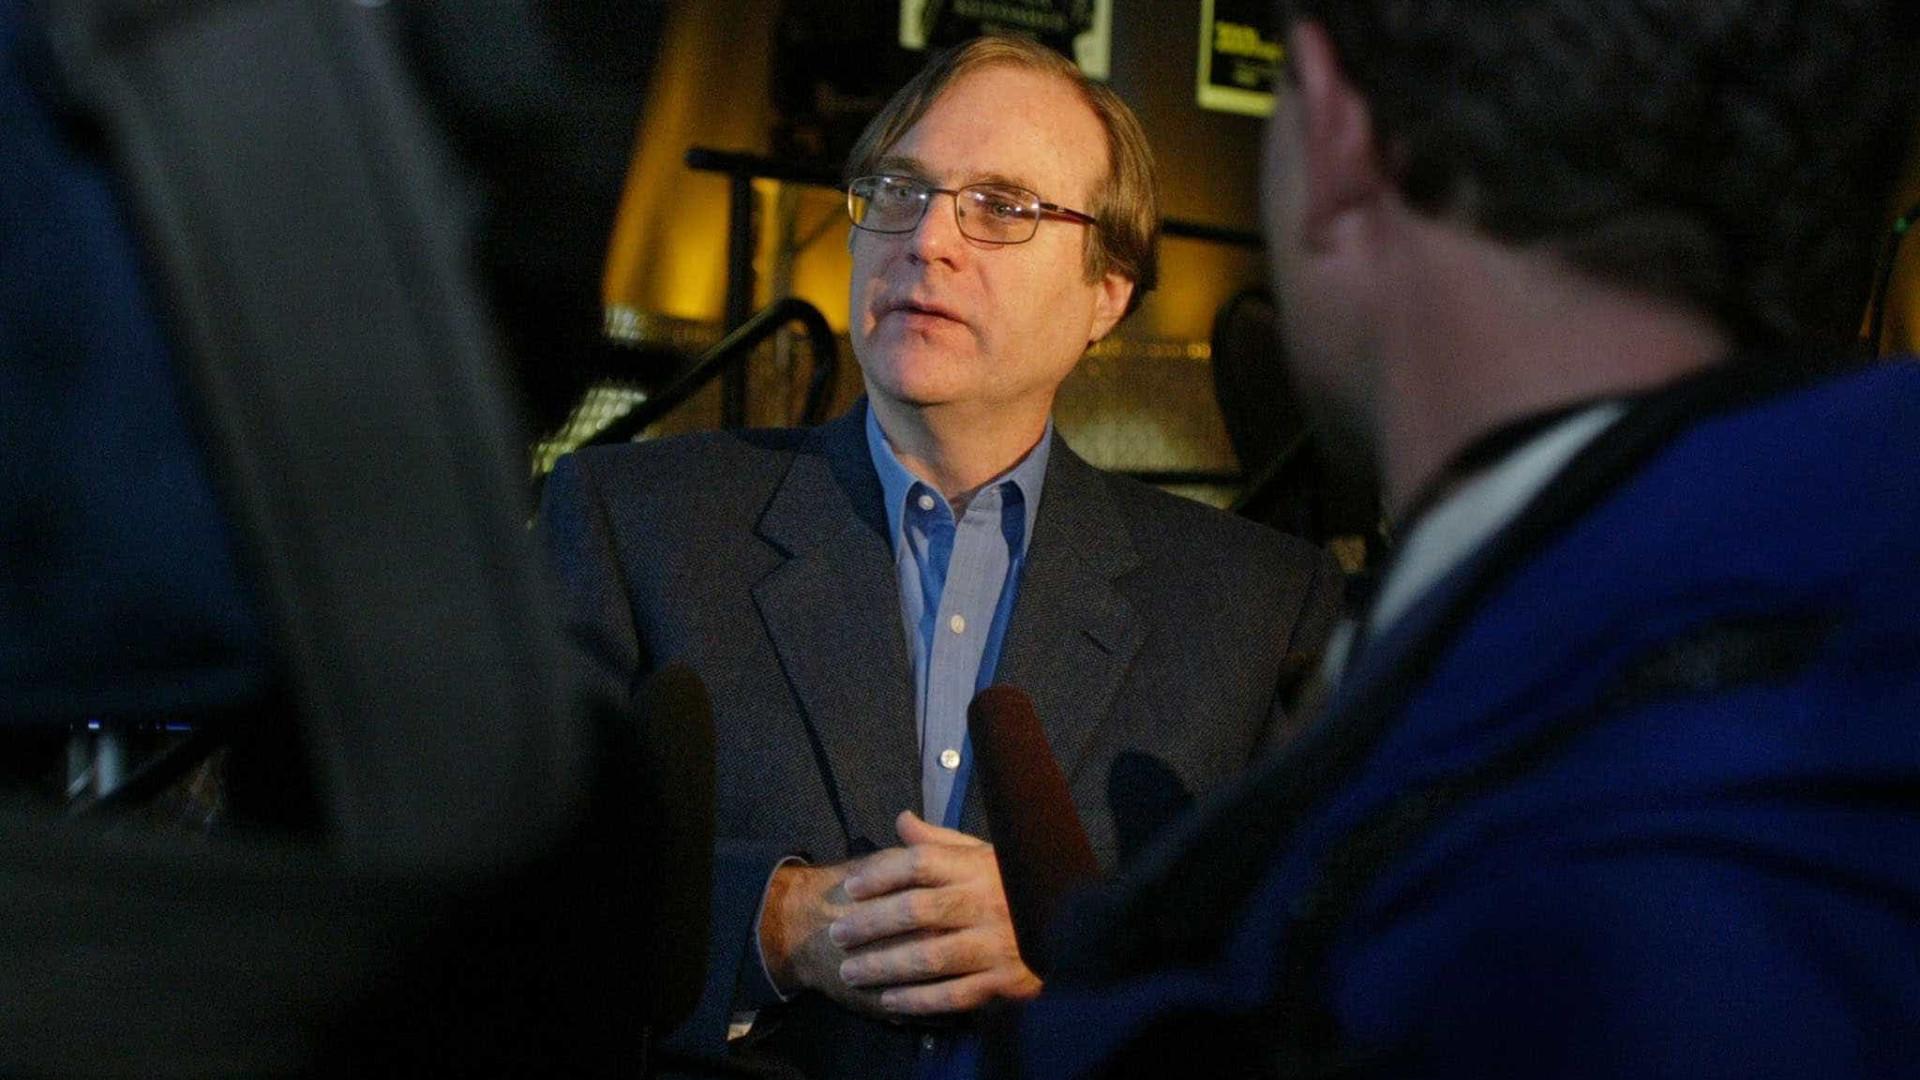 Co-fundador da Microsoft Paul Allen morre aos 65 anos